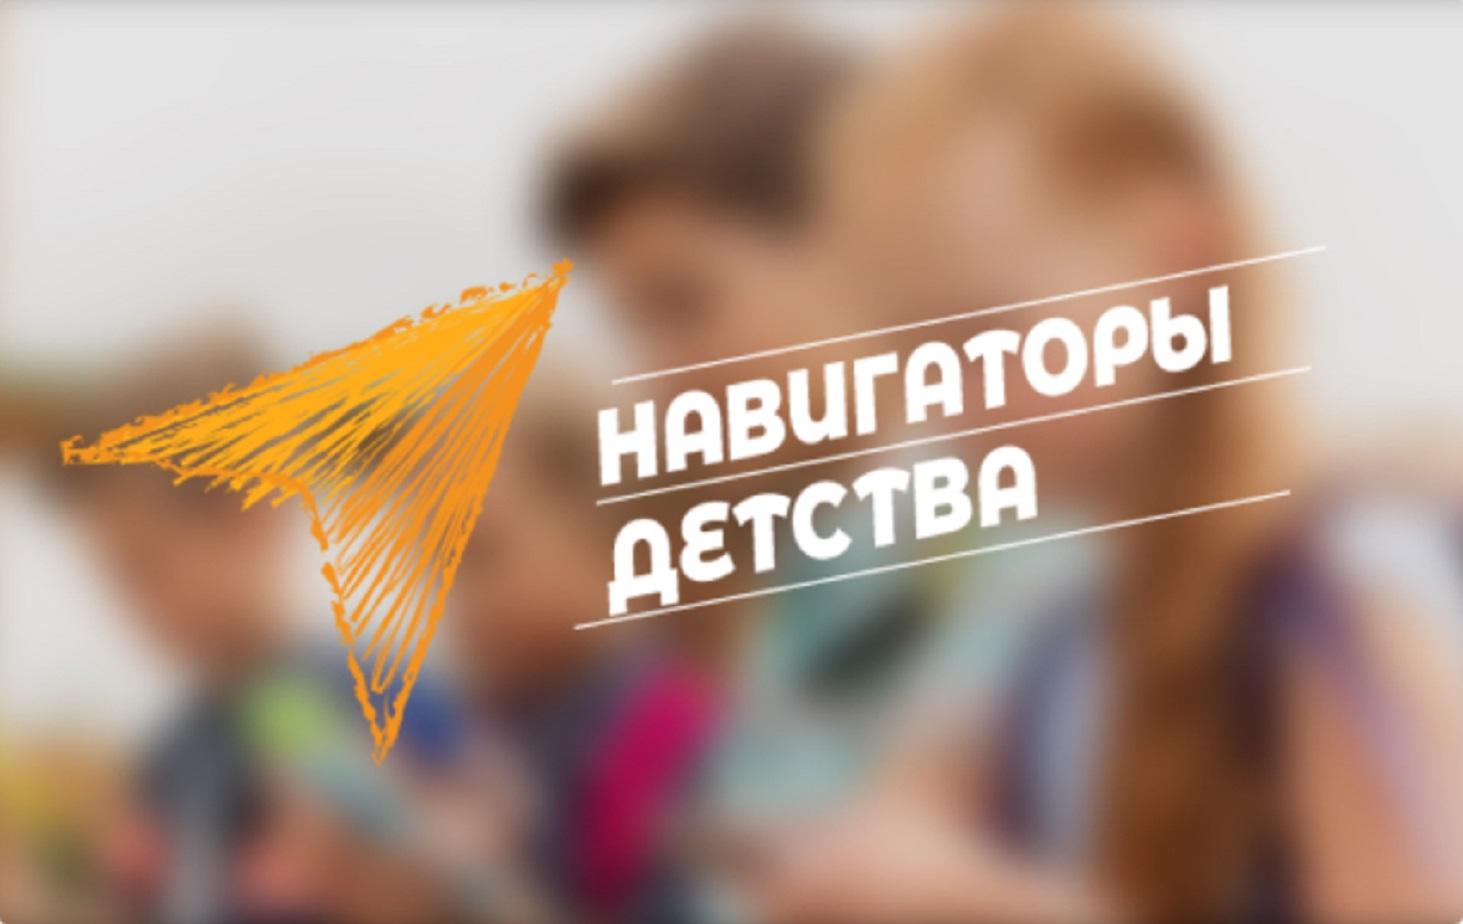 v-rossii-startoval-konkurs-navigatory-detstva